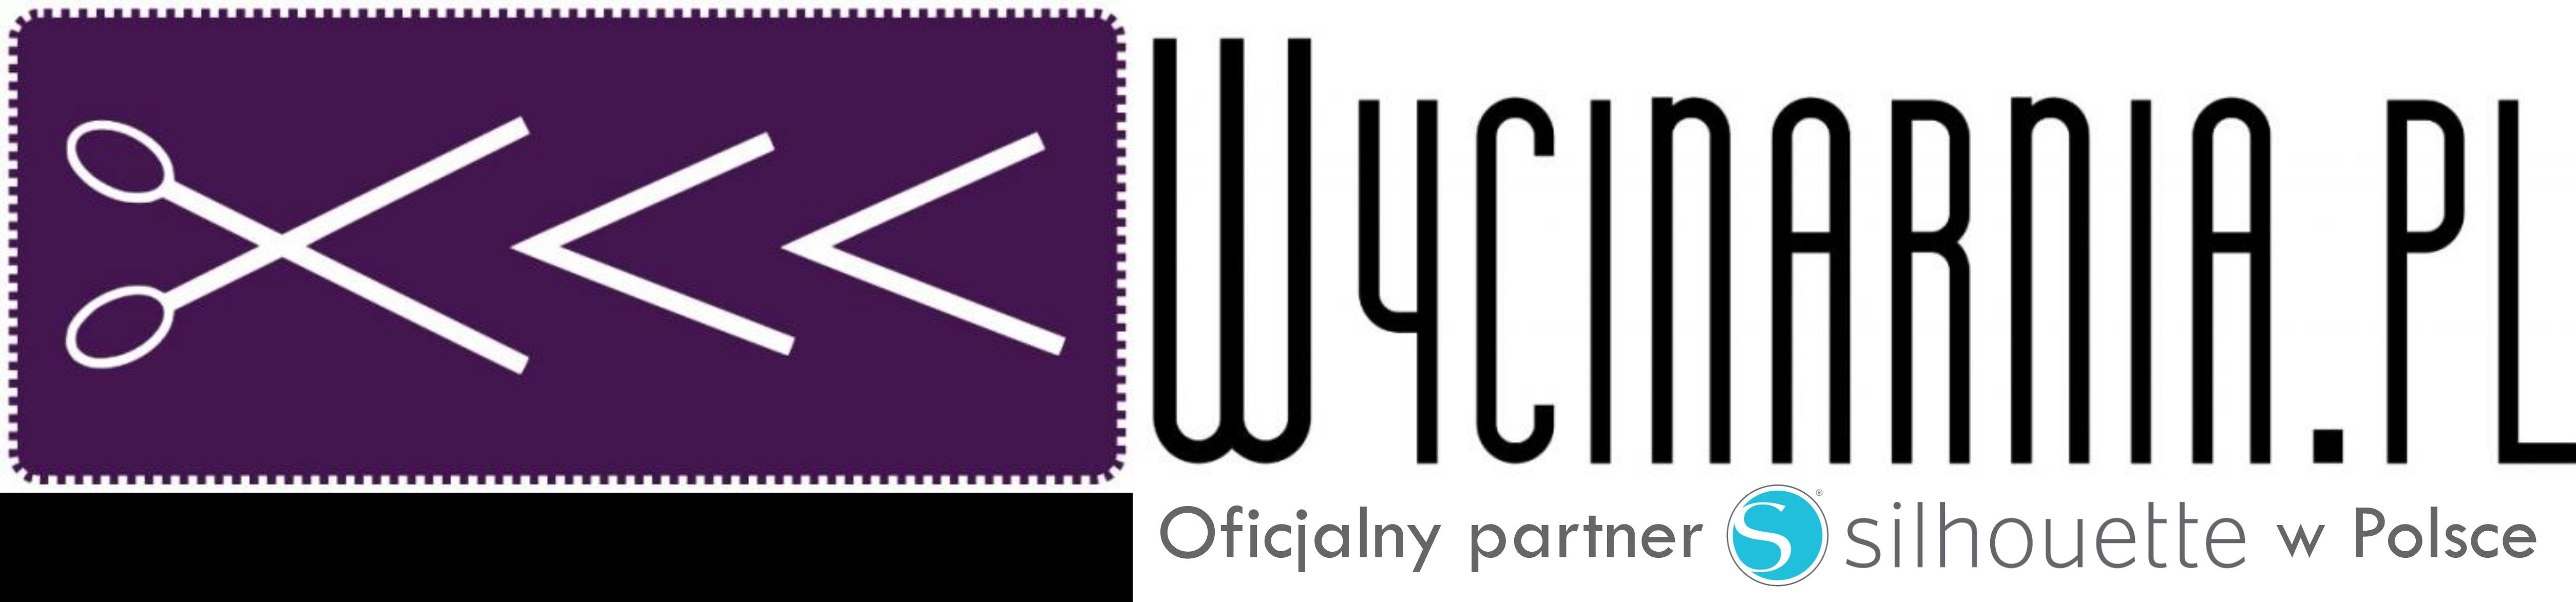 Wycinarnia.pl | plotery Silhouette, Cameo 3, Curio